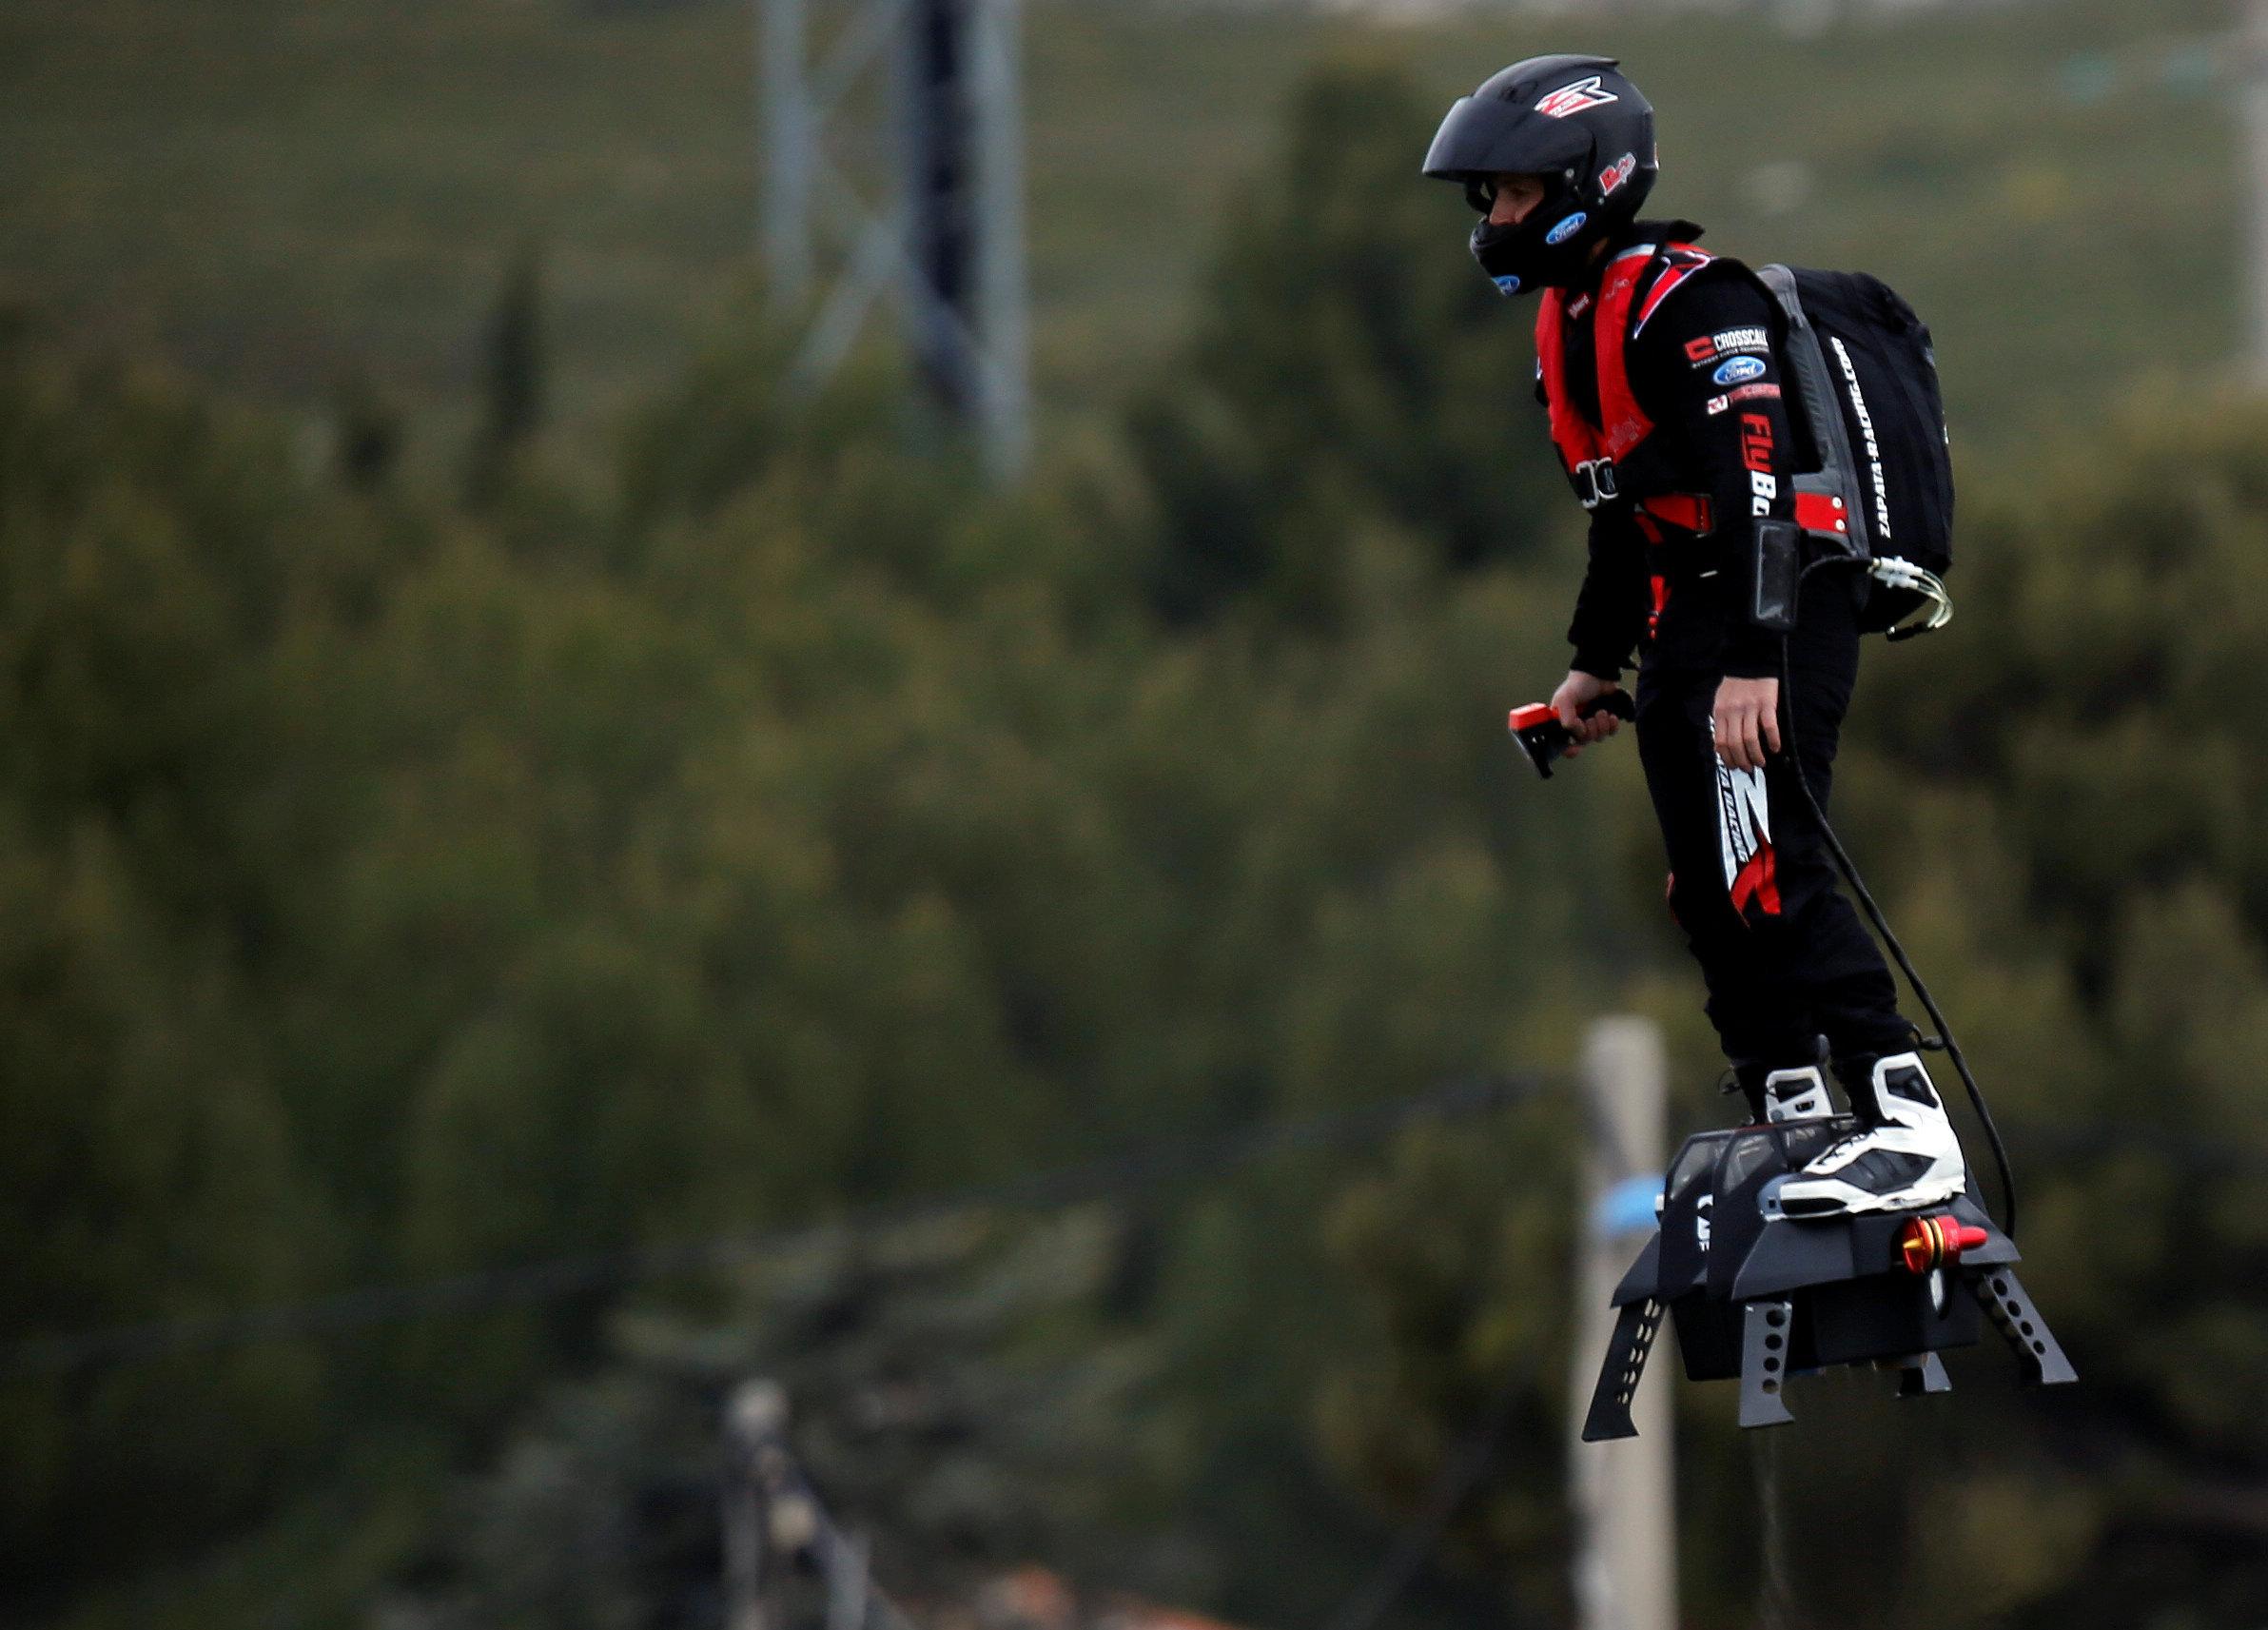 法国男子脚踩悬浮滑板飞行2252米 打破世界纪录